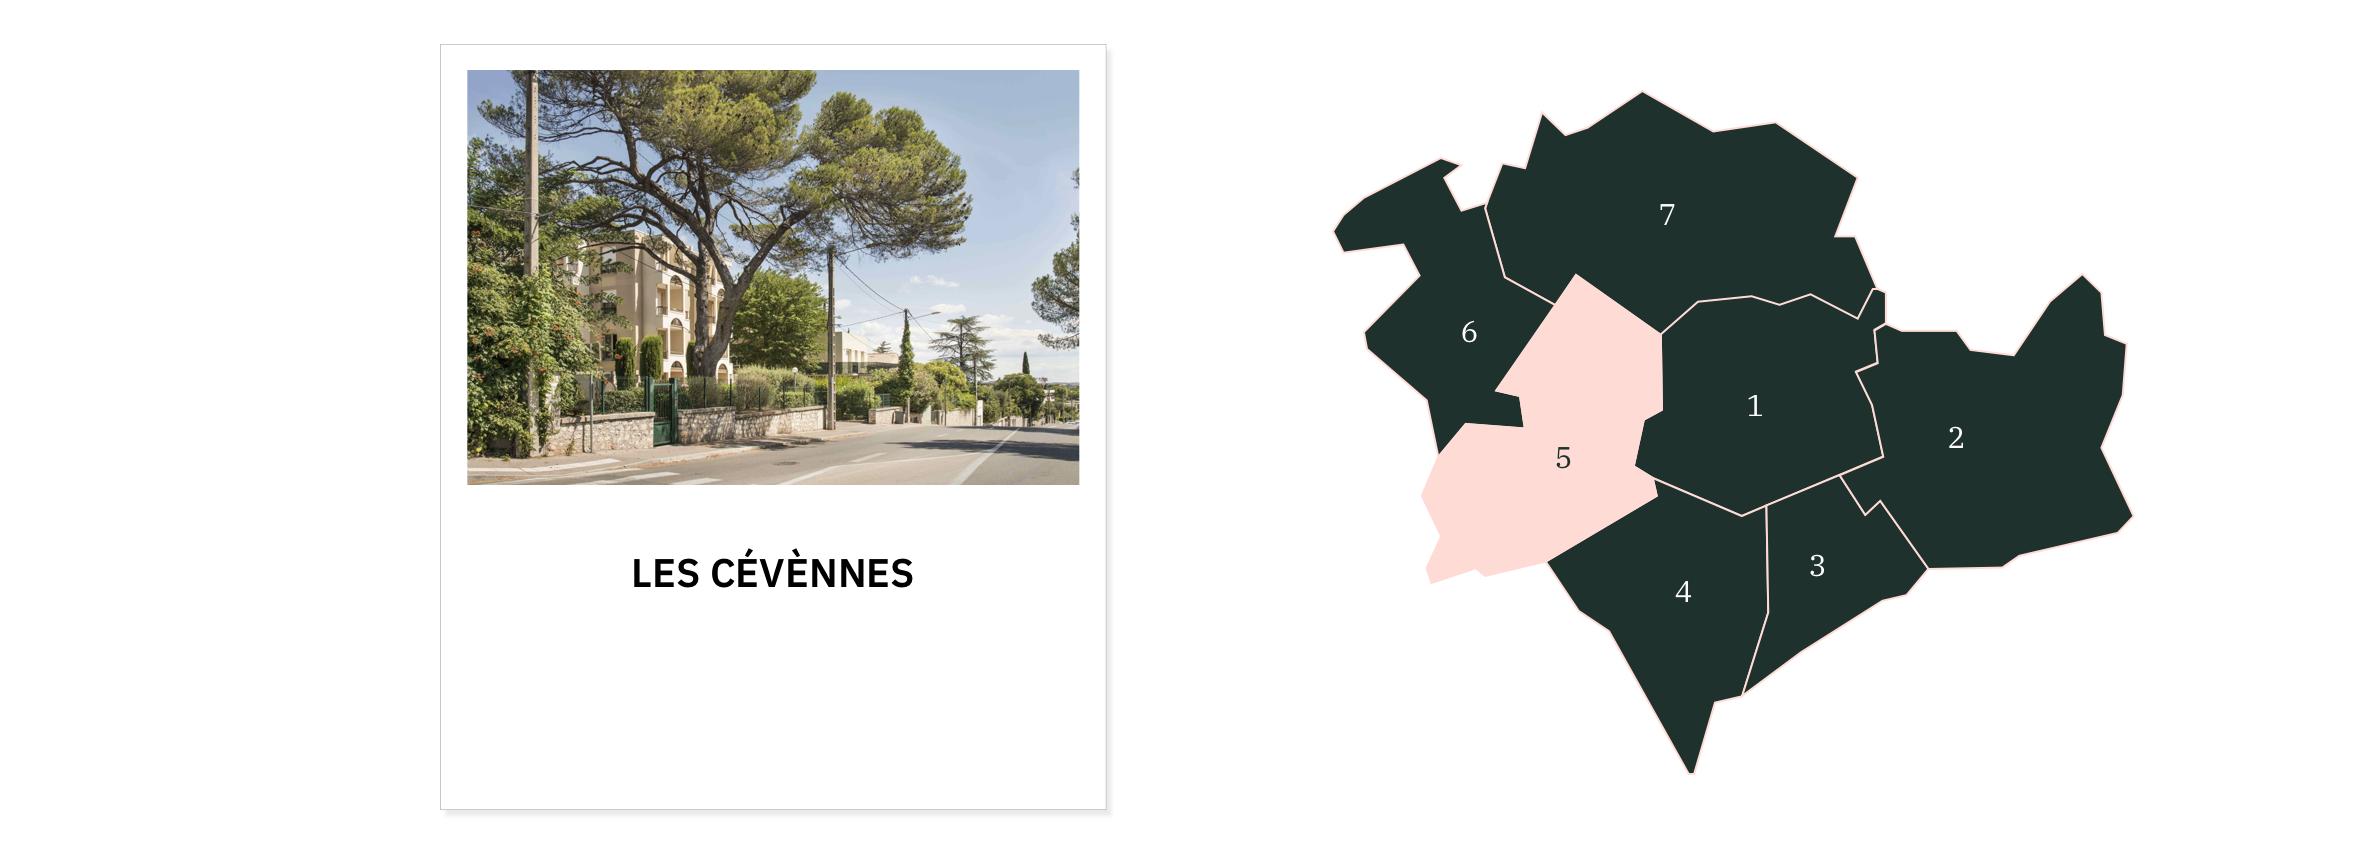 Les Cévènnes ⎮ Carte des quartiers de Montpellier